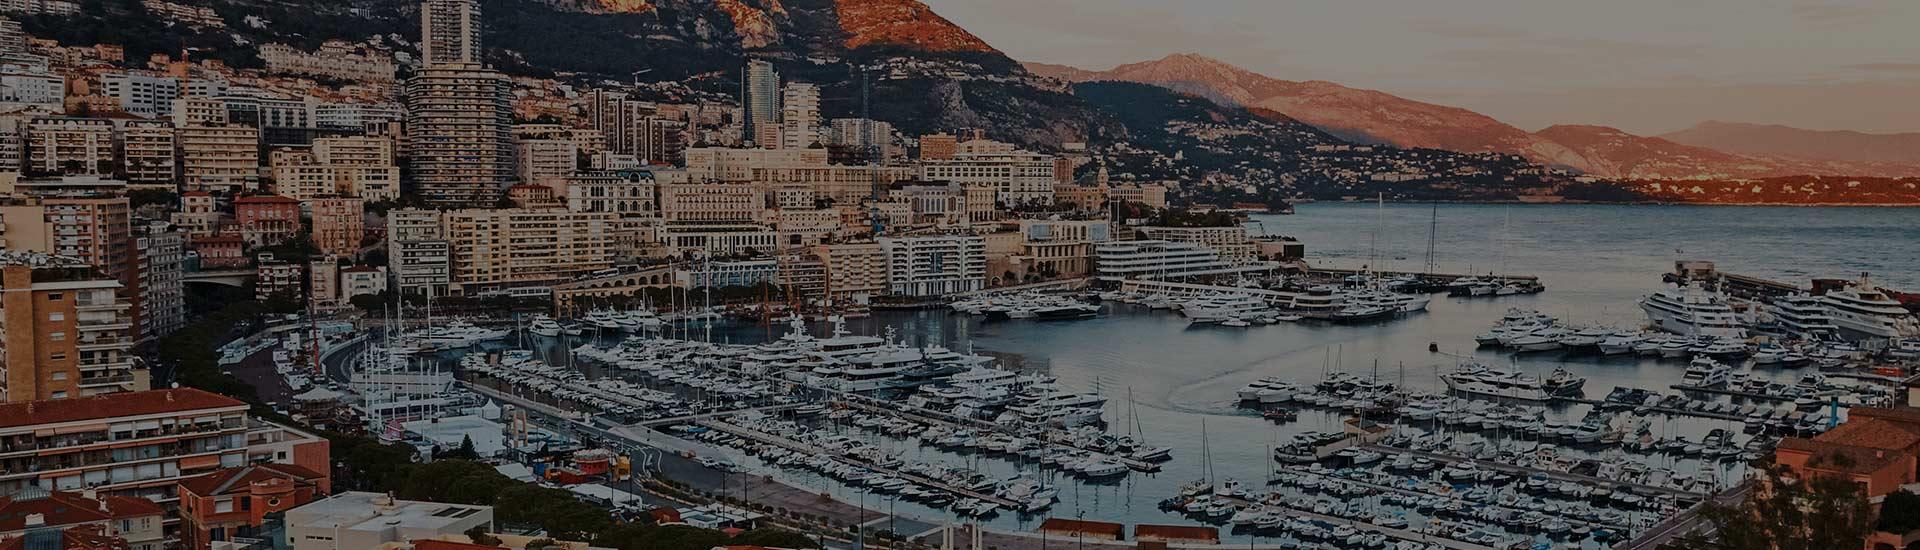 Logistik-Monaco-Transporte